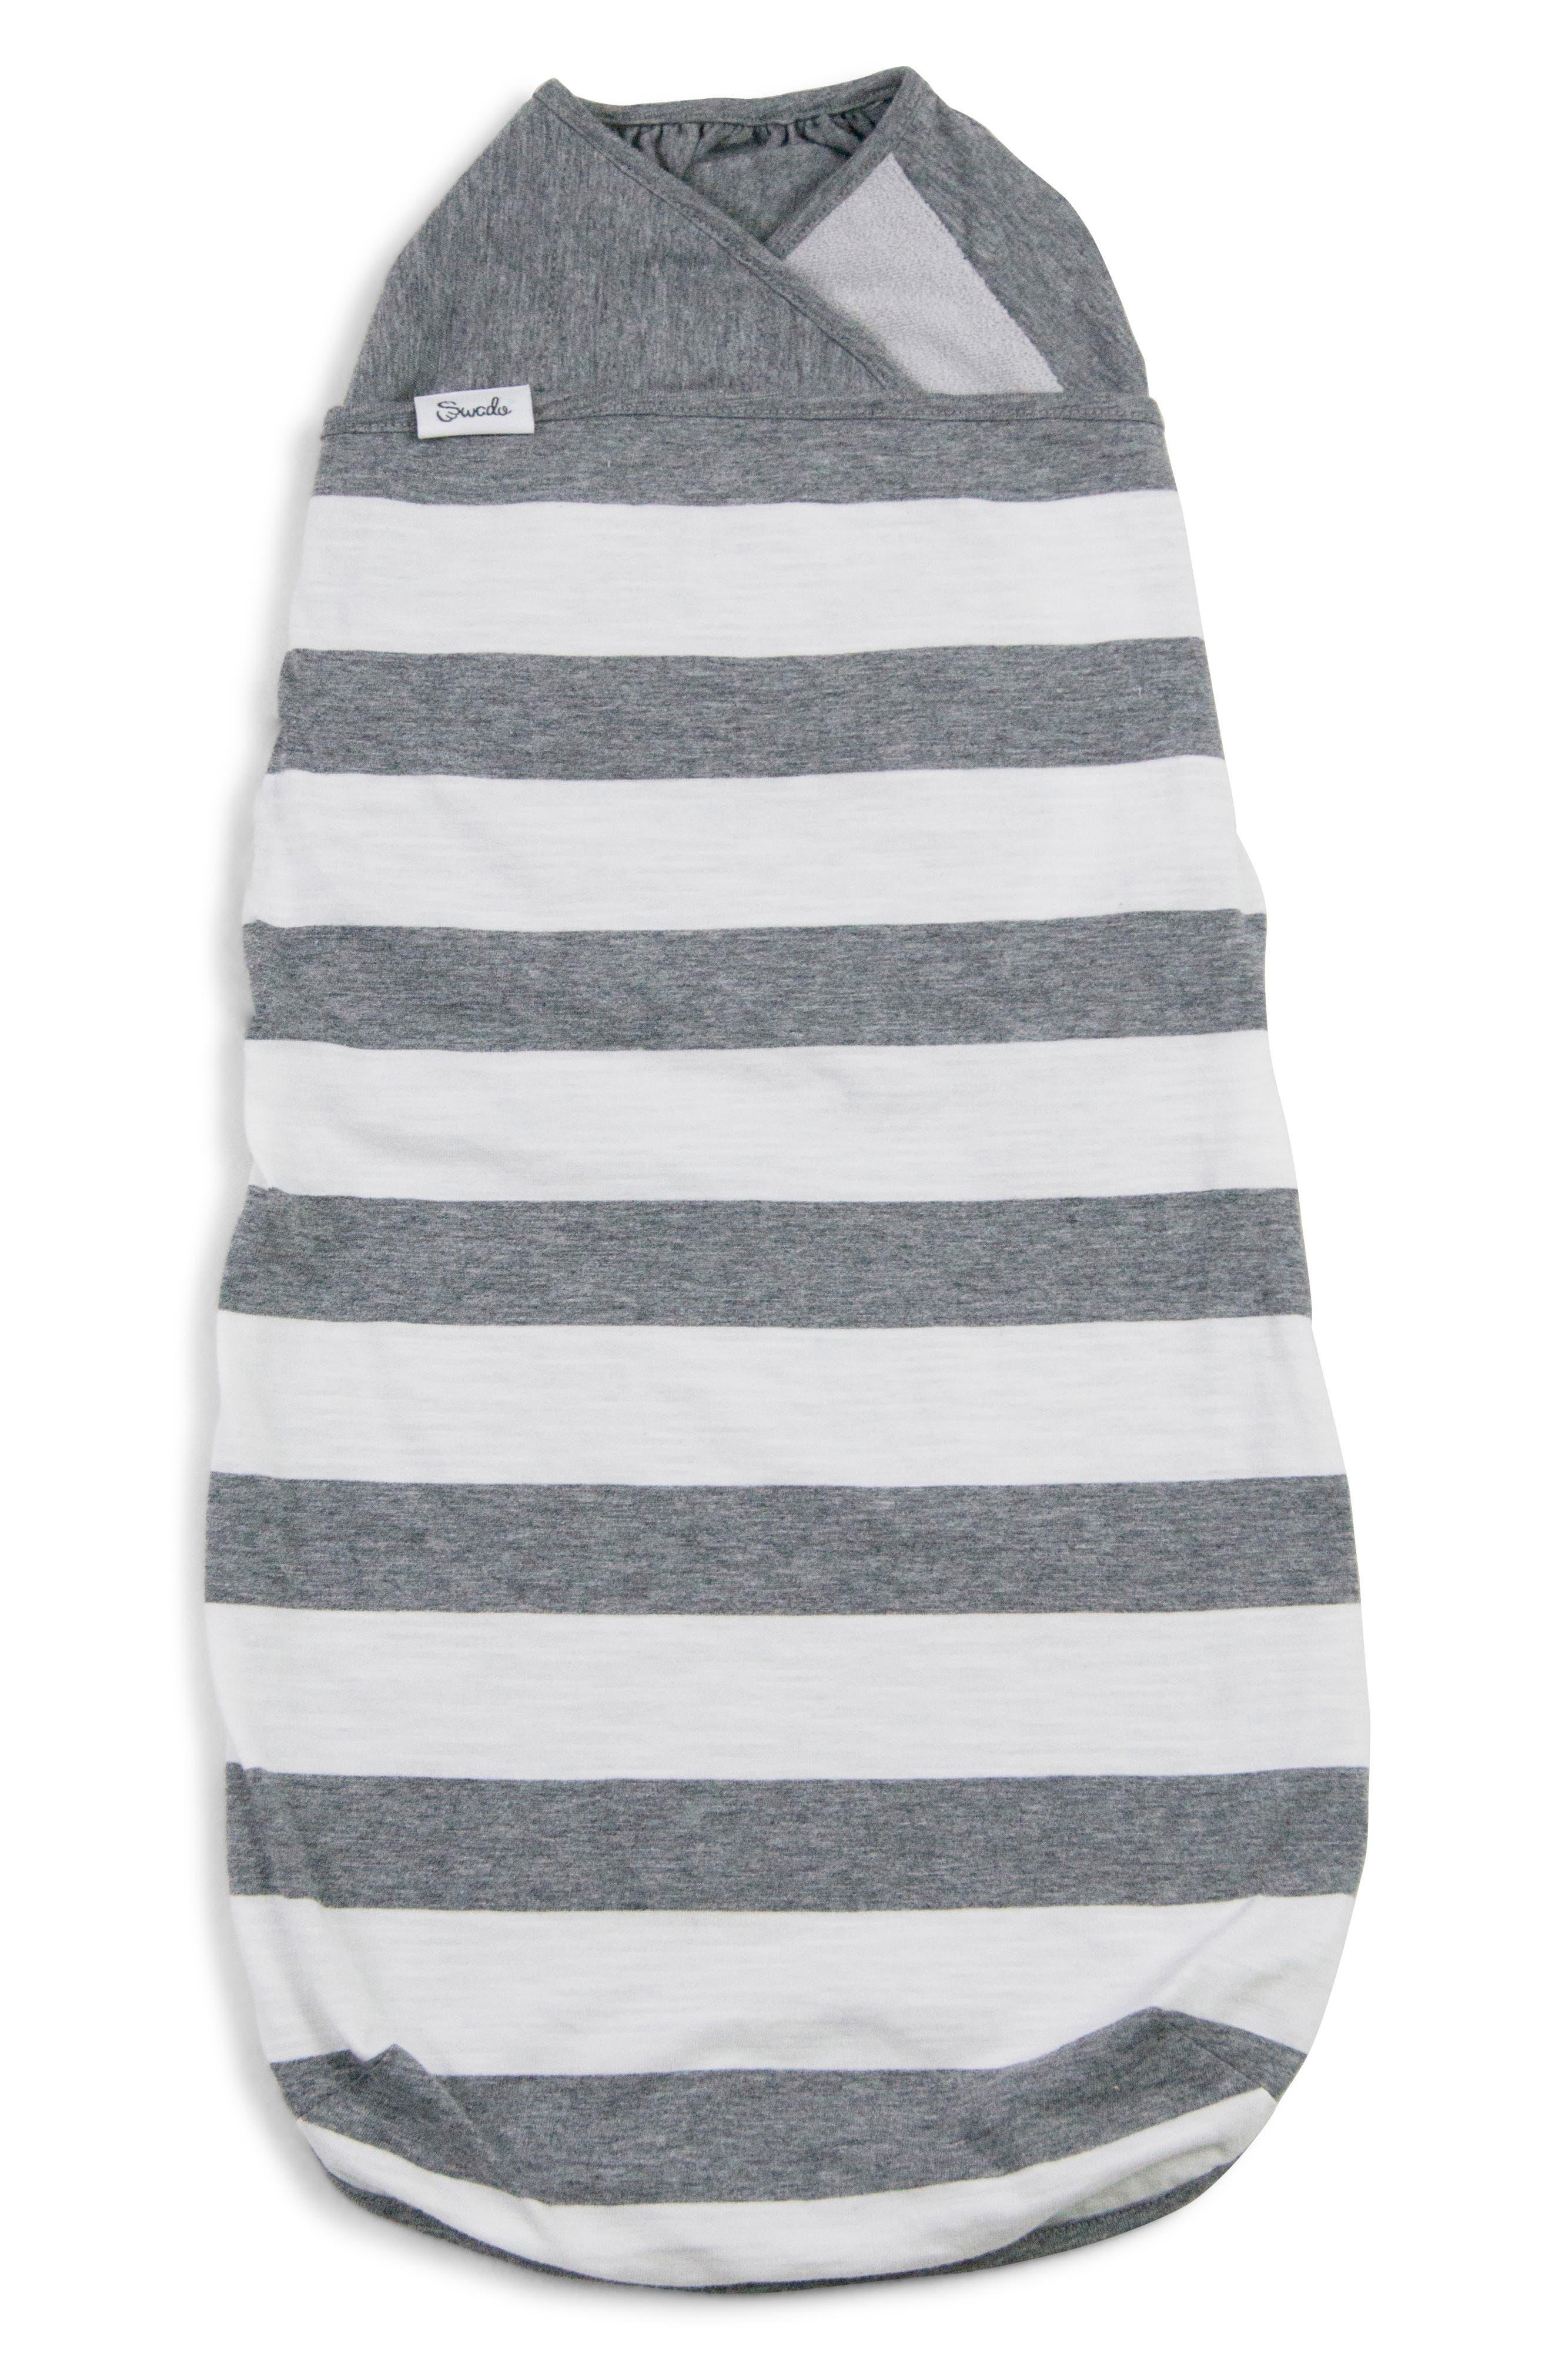 Swado Stripe Wearable Swaddle Size 36M  Grey